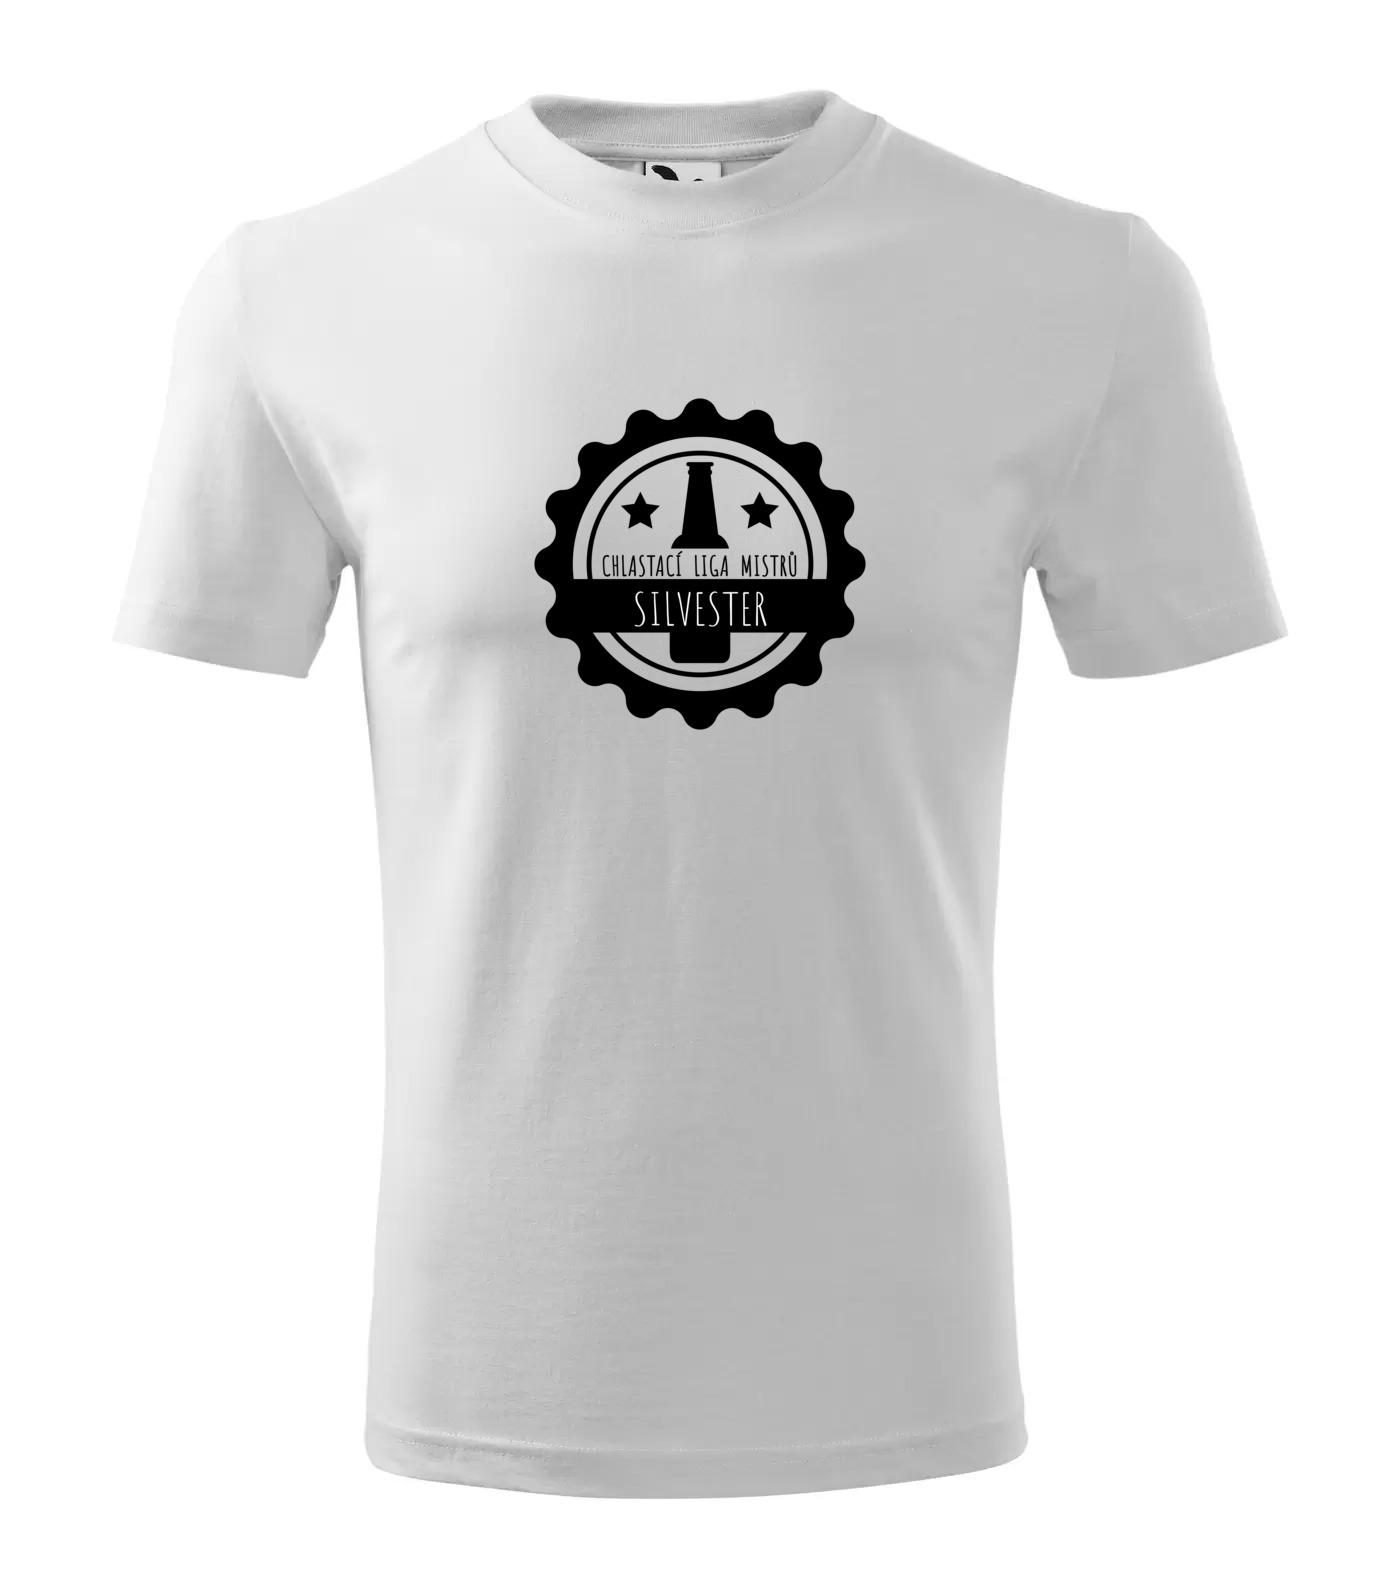 Tričko Chlastací liga mužů Silvester